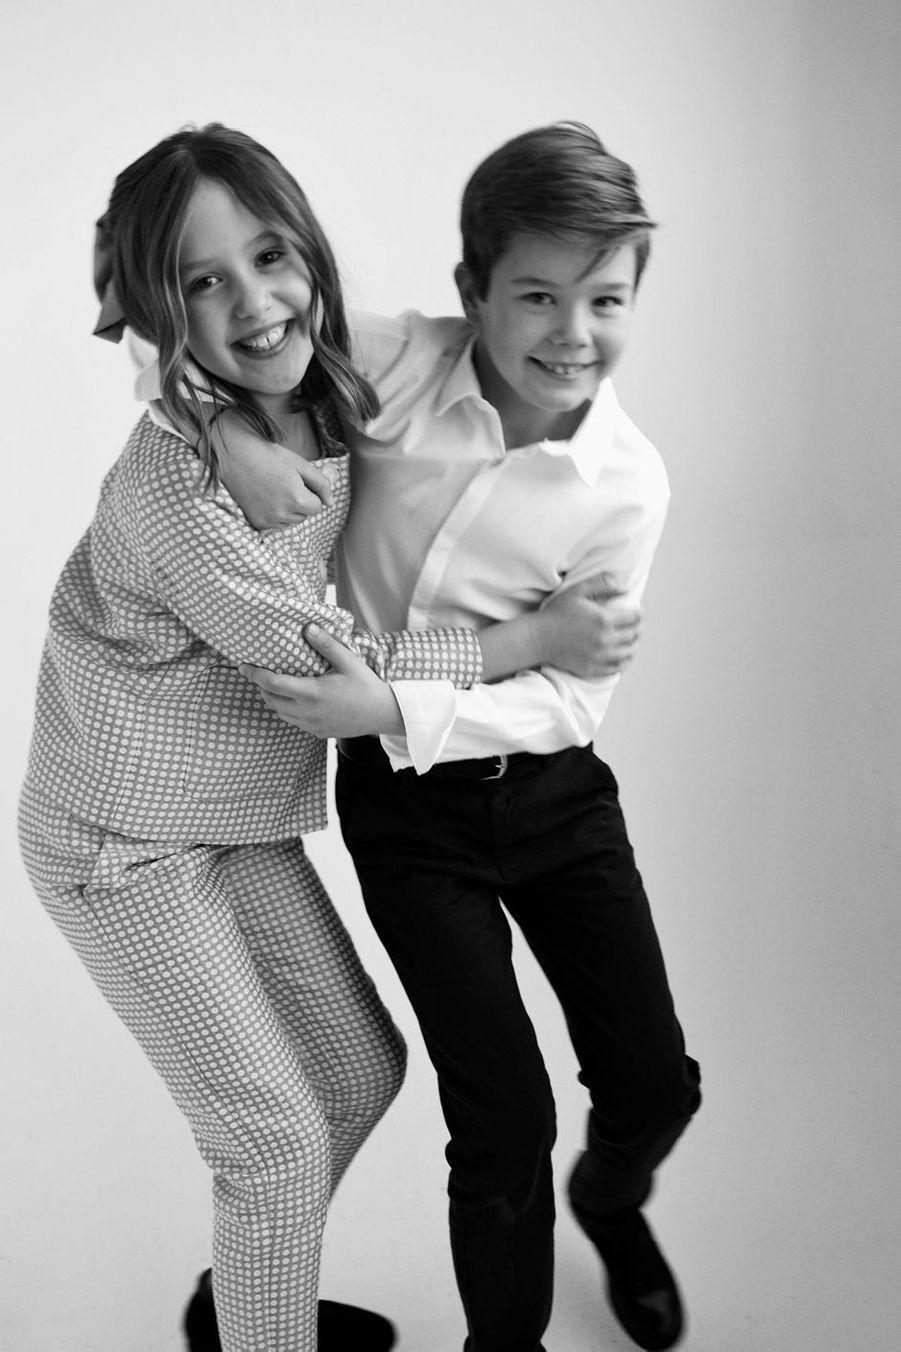 La princesse Josephine et le prince Vincent de Danemark. Portrait en noir et blanc diffusé le 8 janvier 2021 pour leurs 10 ans